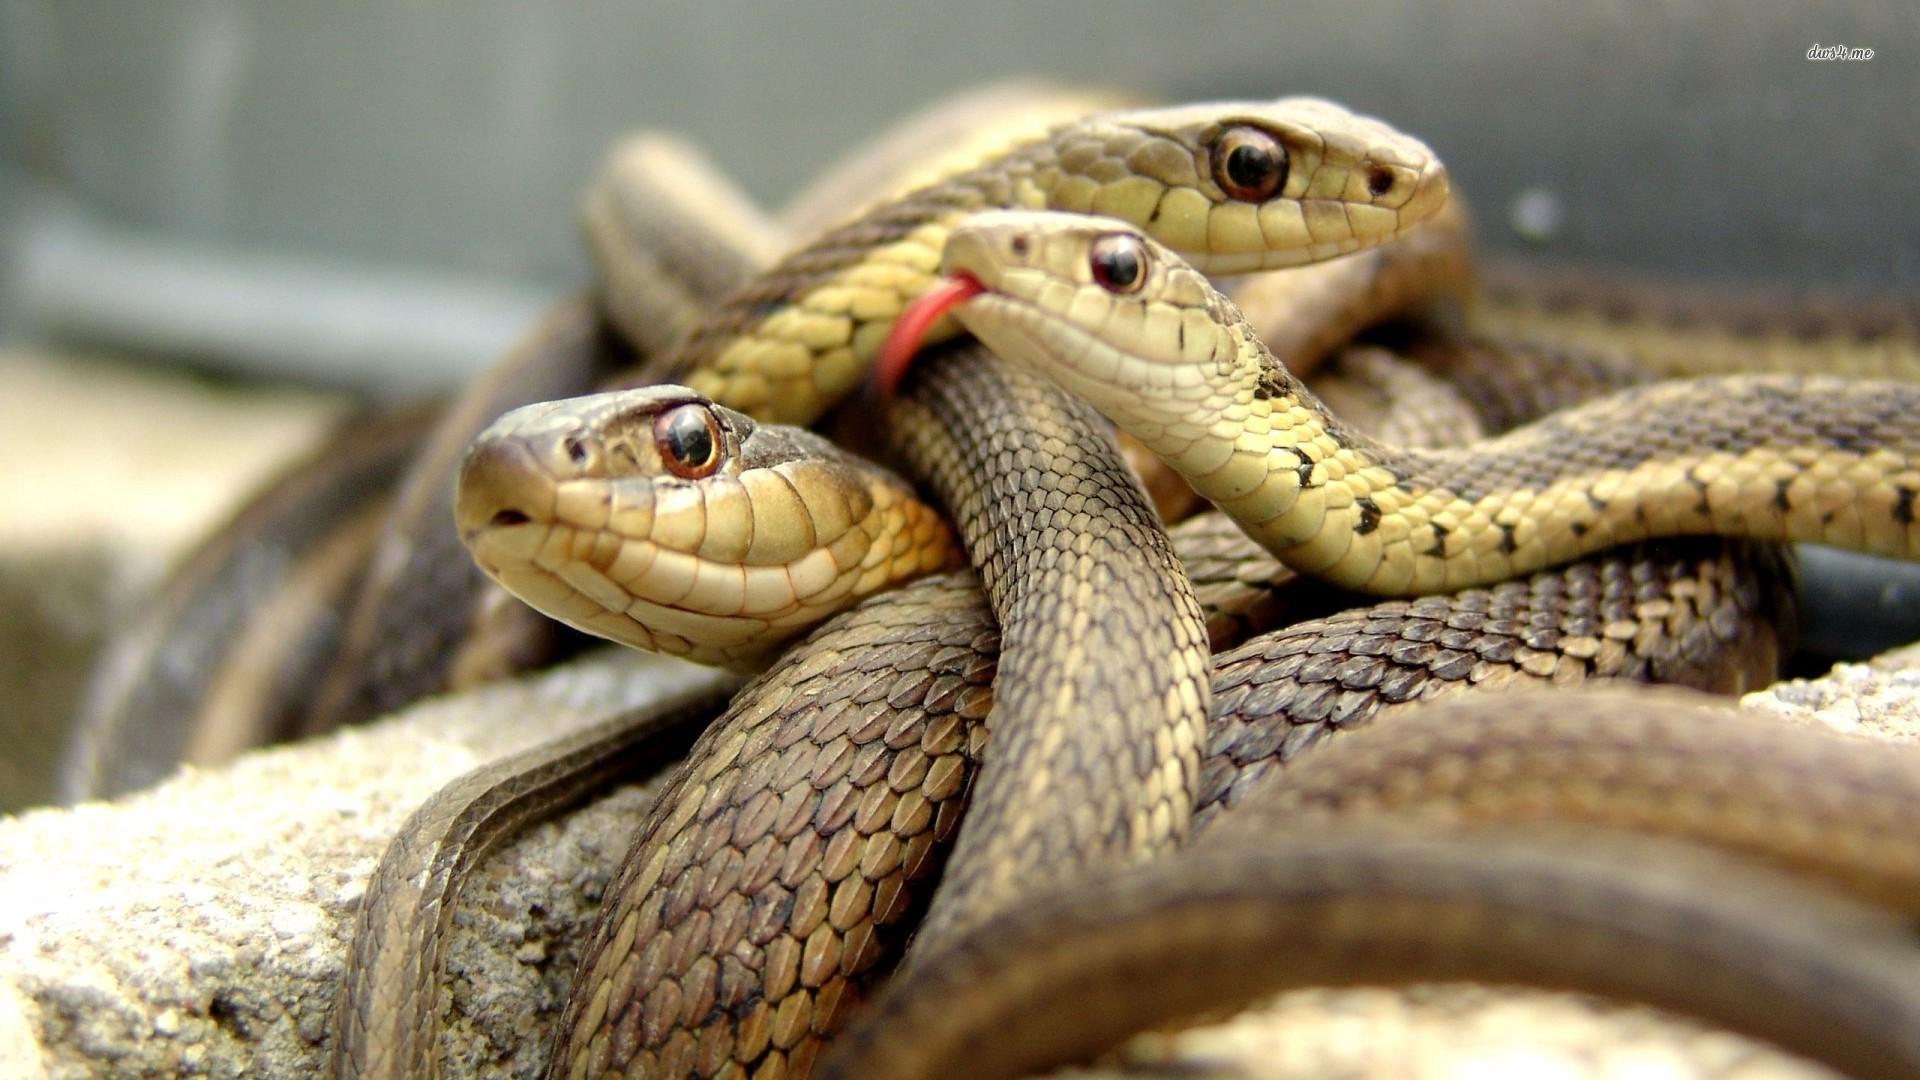 wallpaper com desktop poisonous snake pictures desktop poisonous snake 1920x1080